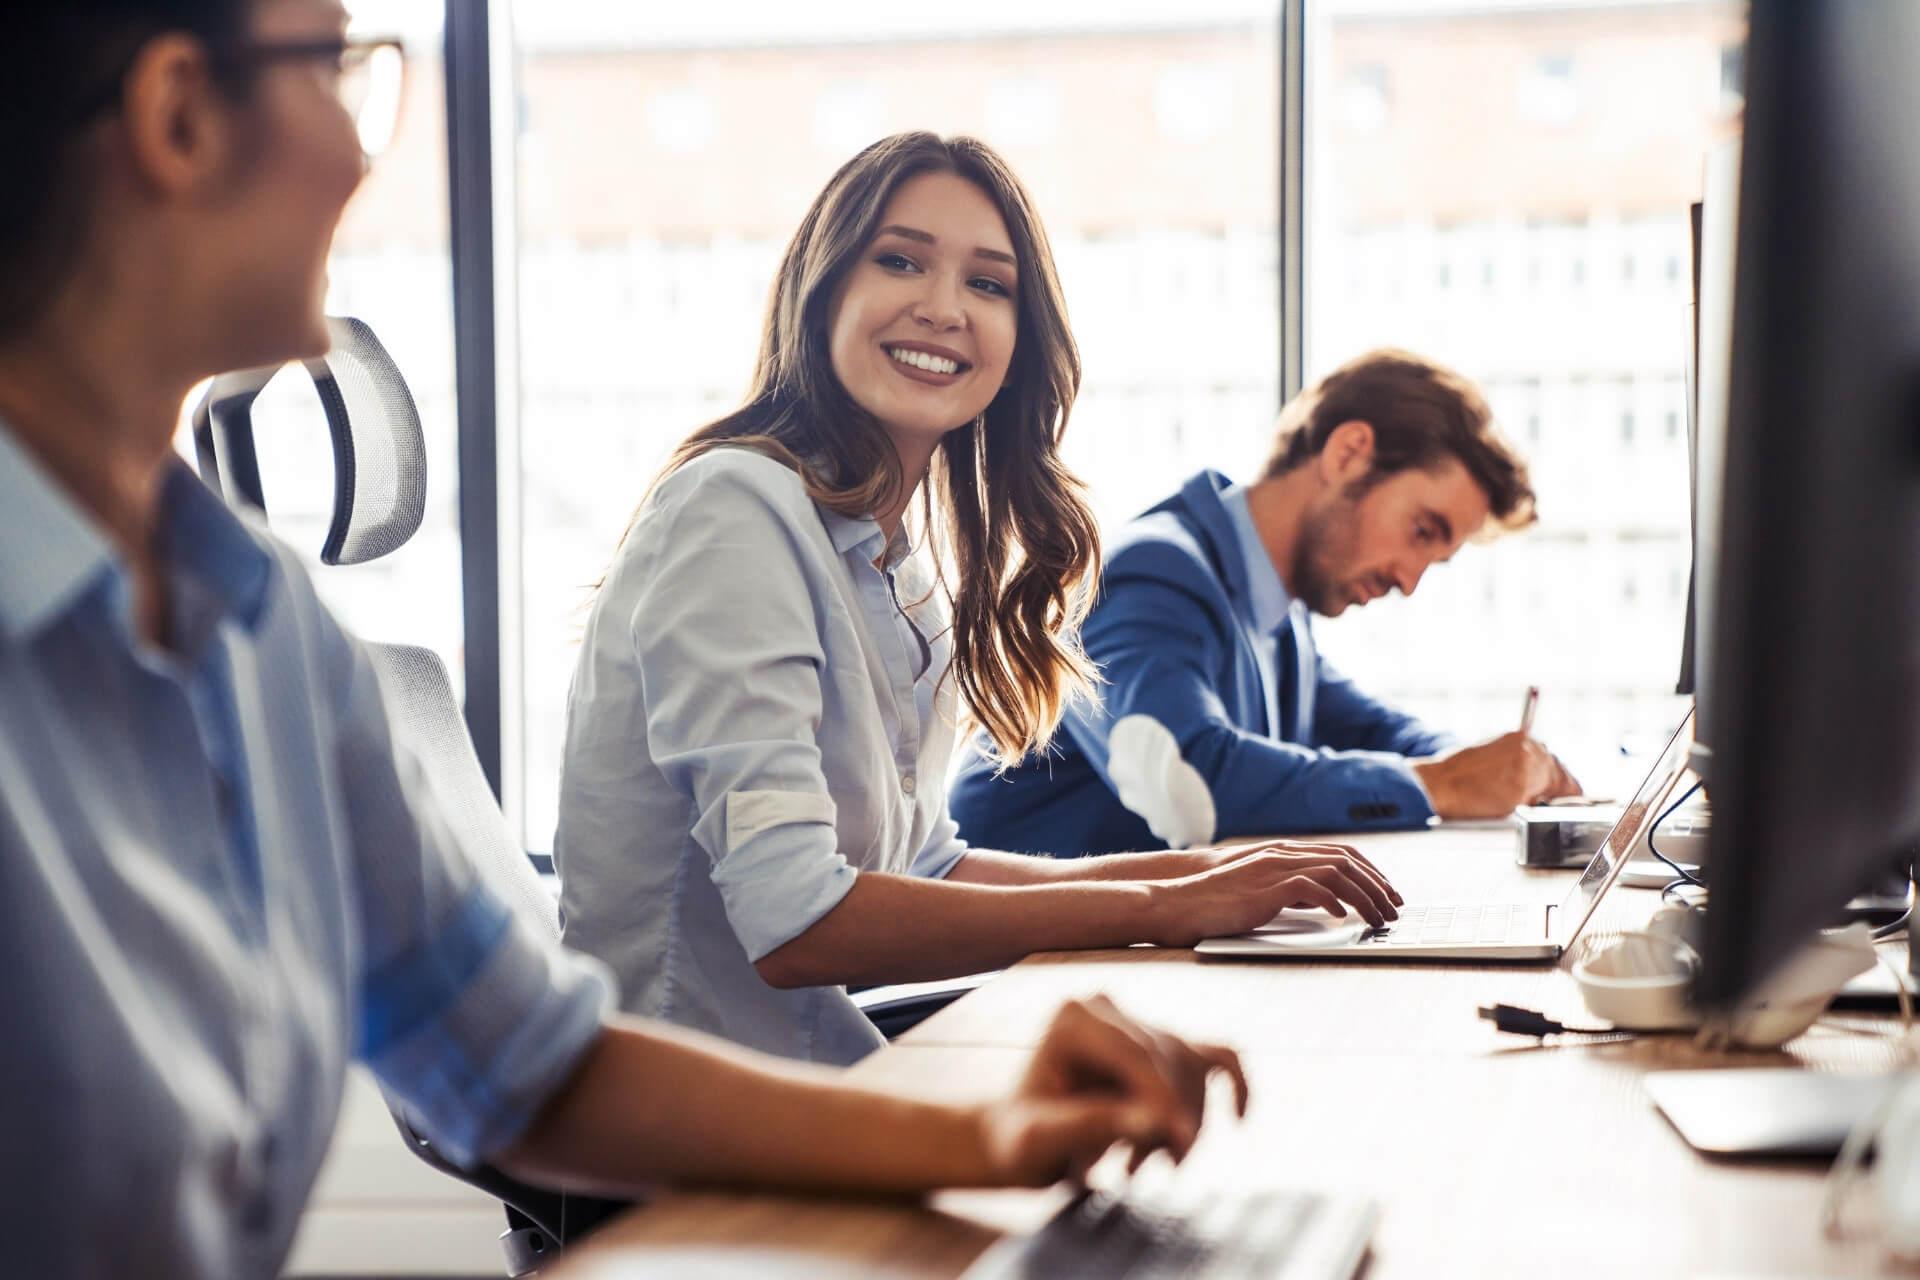 Equipe De Trabalho Sorrindo Entre Si, Em Frente Ao Computador.